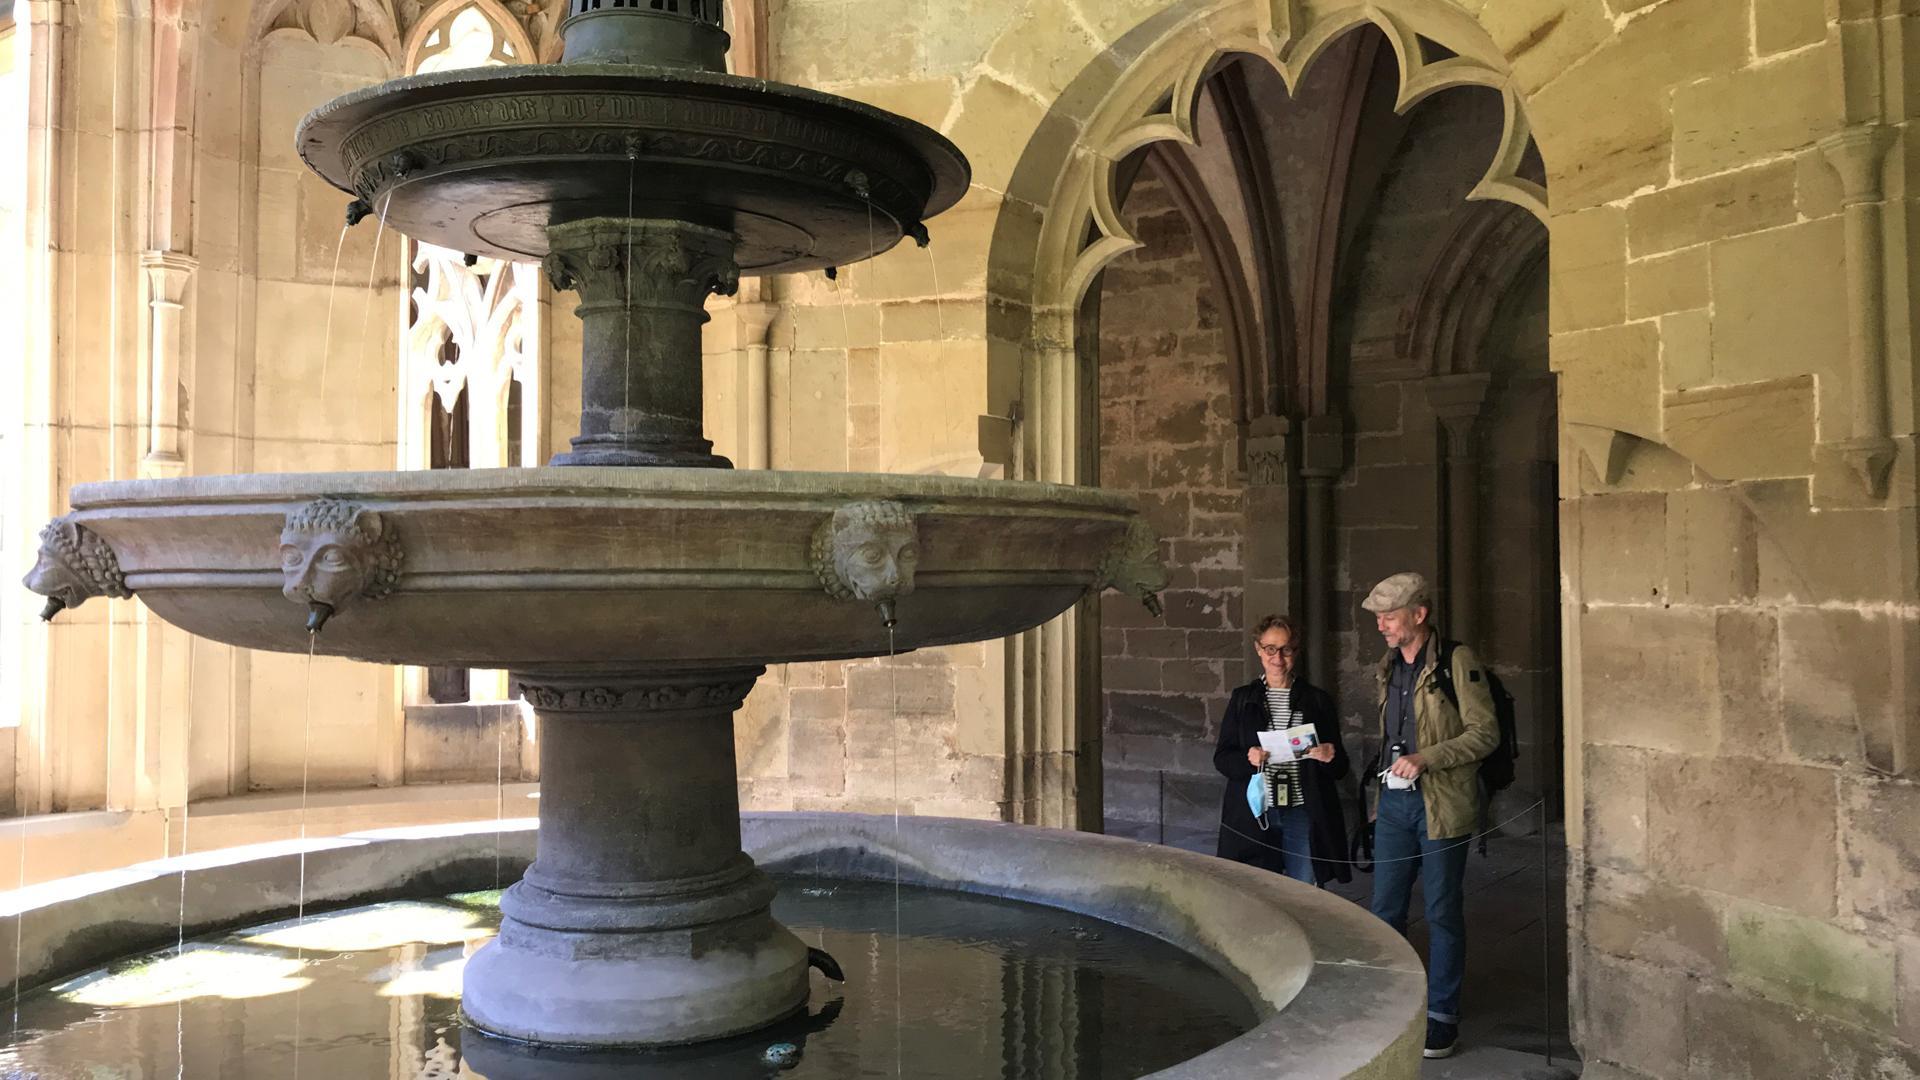 Mann und Frau bei Brunnen